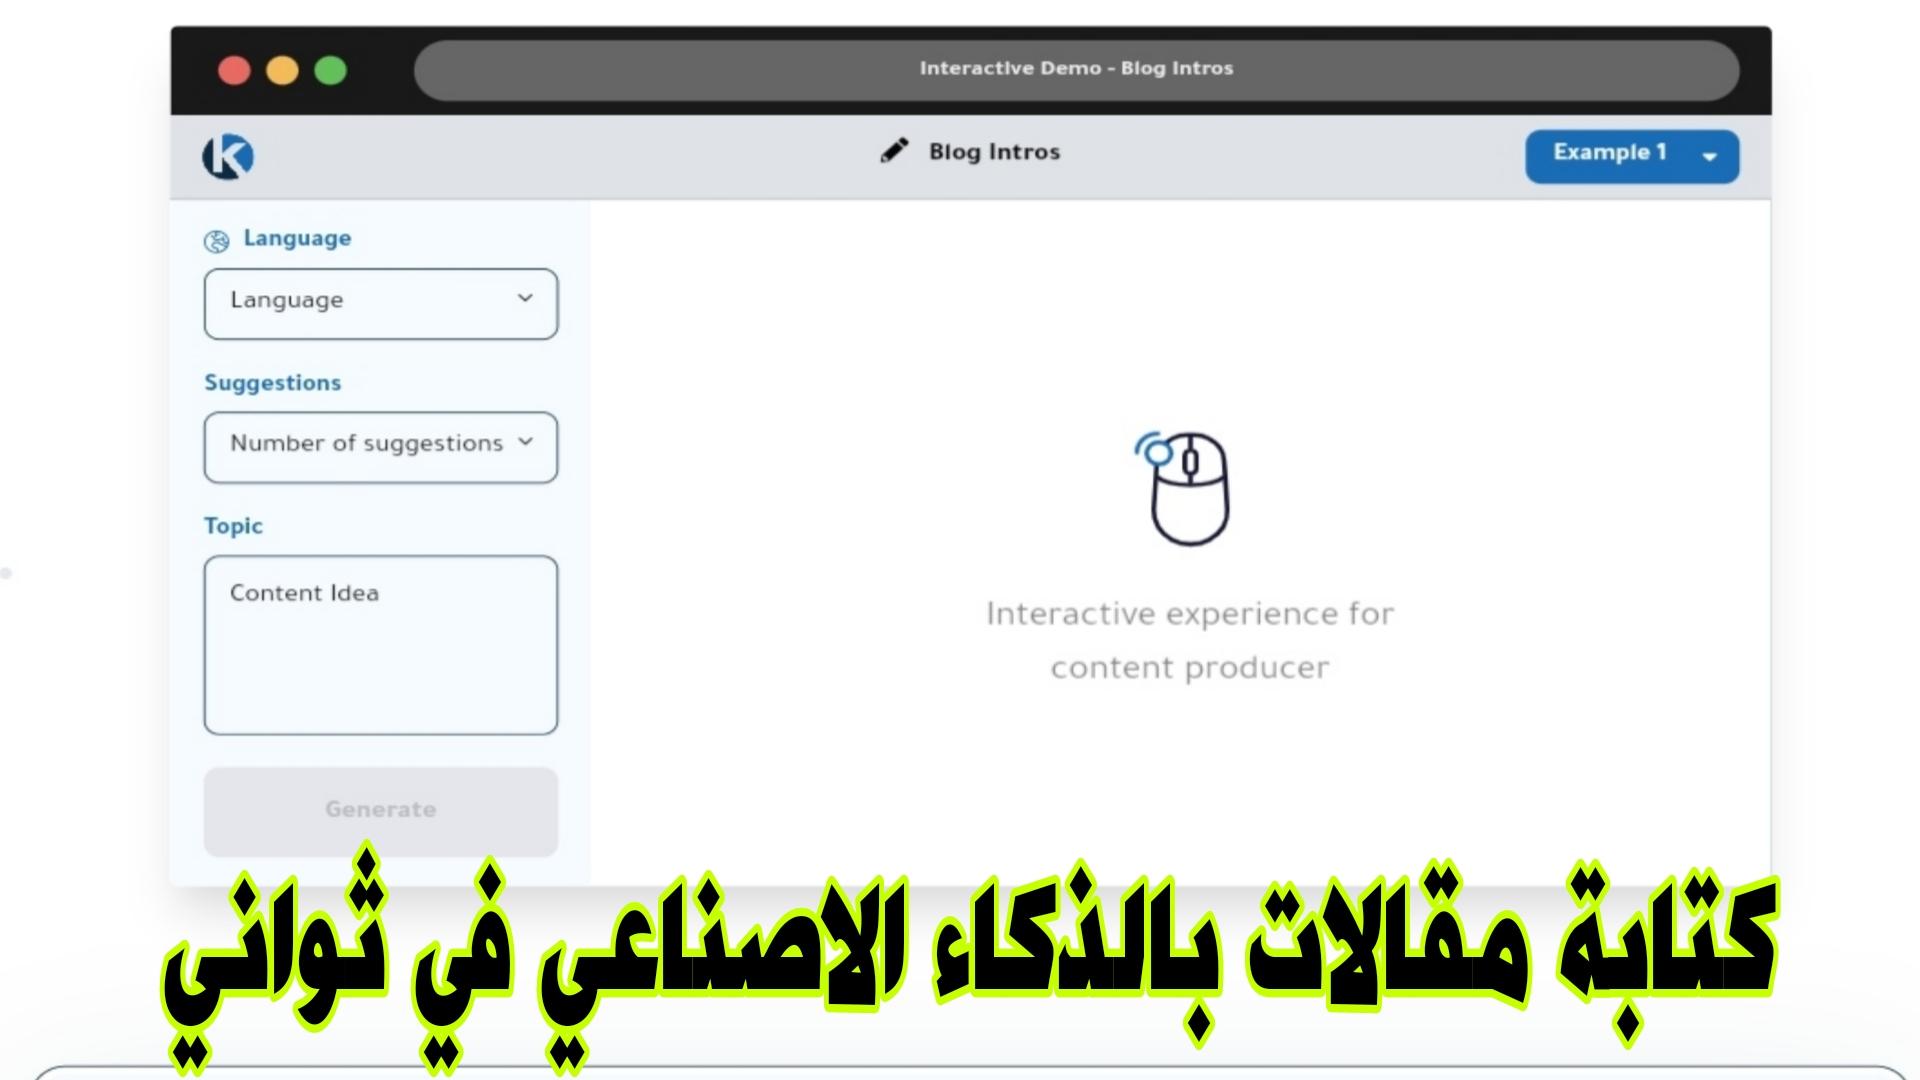 منصة كاتب katteb ، أفضل أداة لكتابة المحتوى باستخدام الذكاء الاصطناعي في ثواني فقط